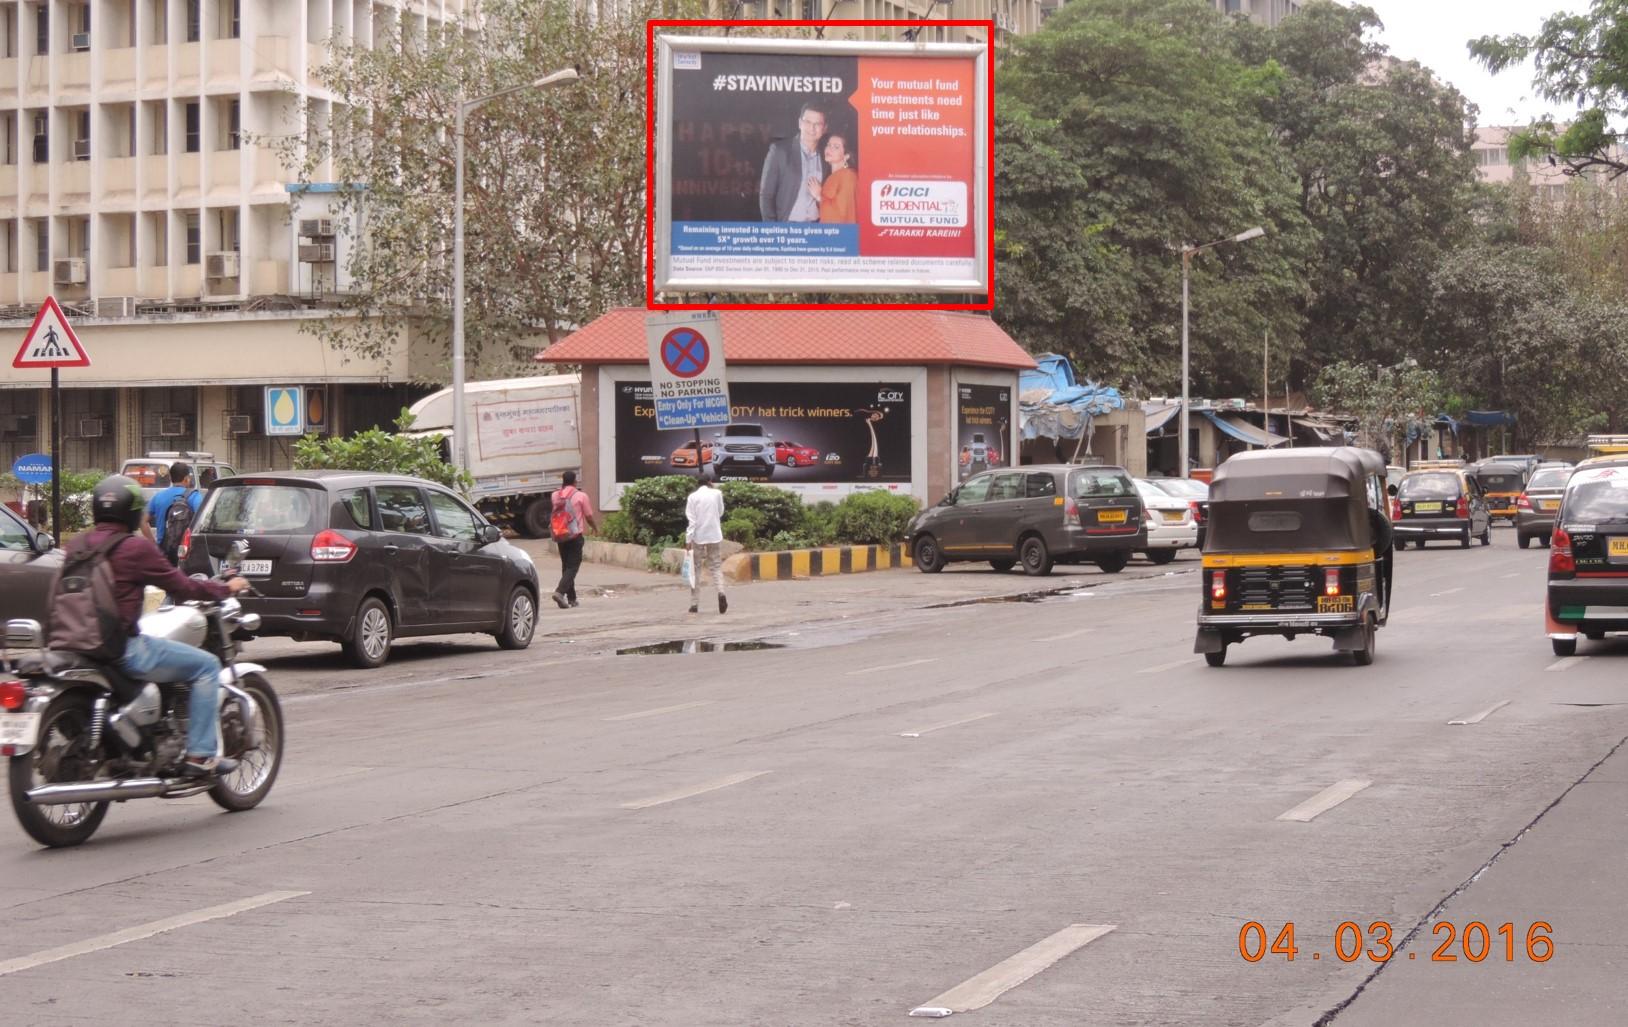 BKC – CITY PARK RBI 1 ET, Mumbai